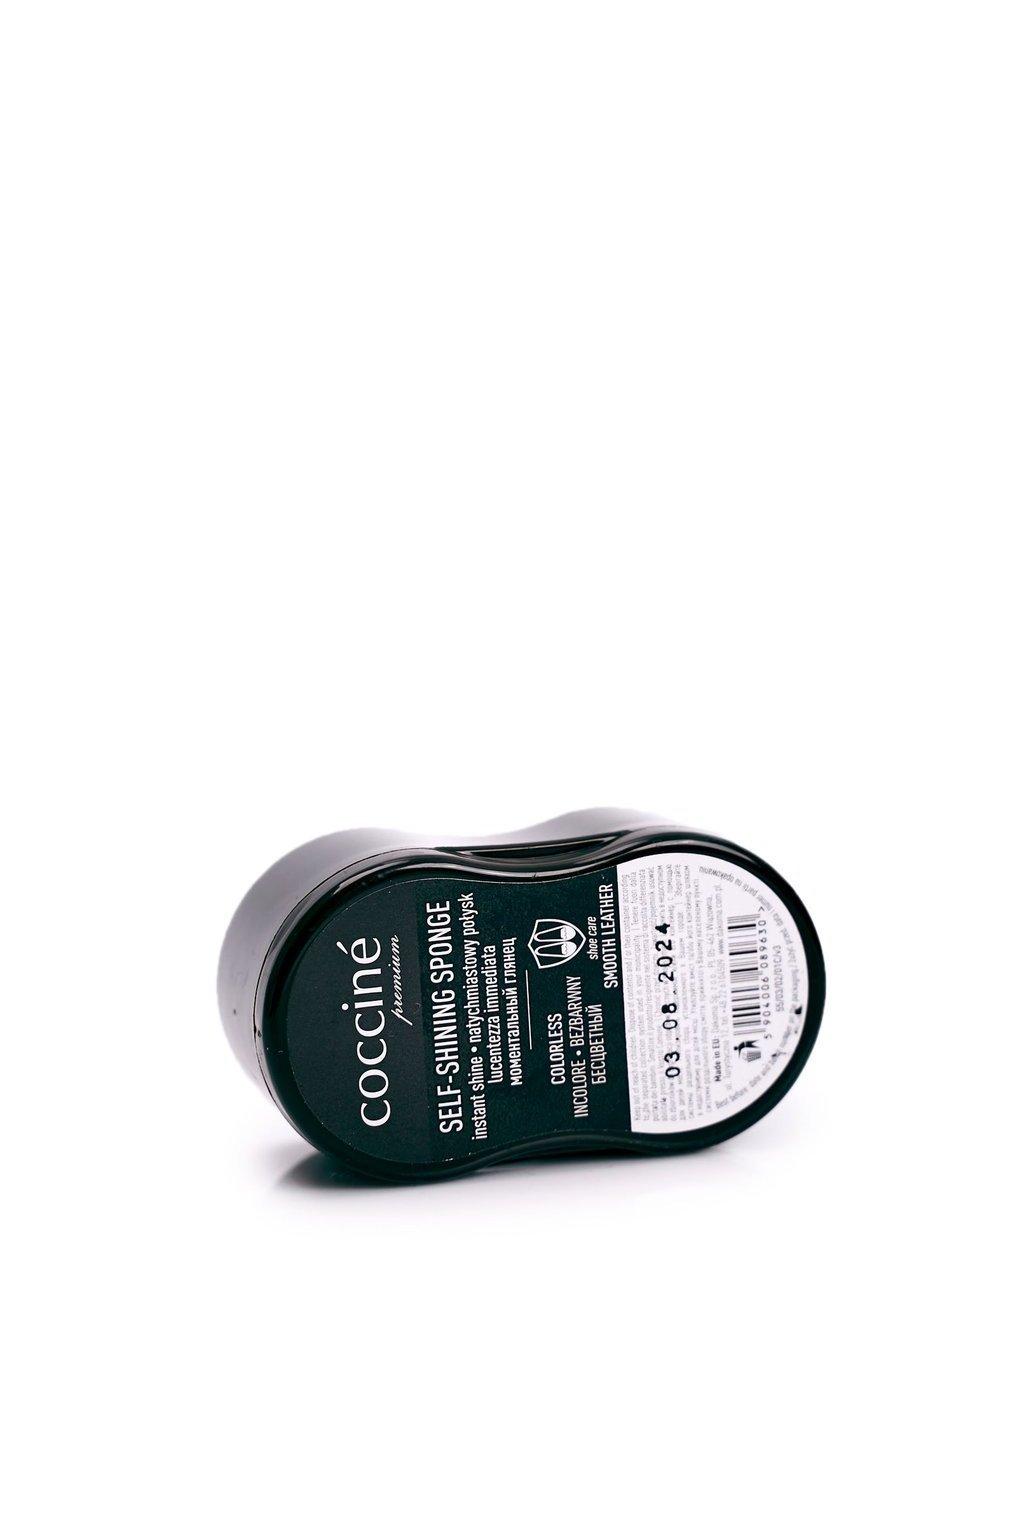 Kefa na čistenie obuvi bezbarvá kód BS55/03/01 COCCINE SHINING SPONGE DUŻY